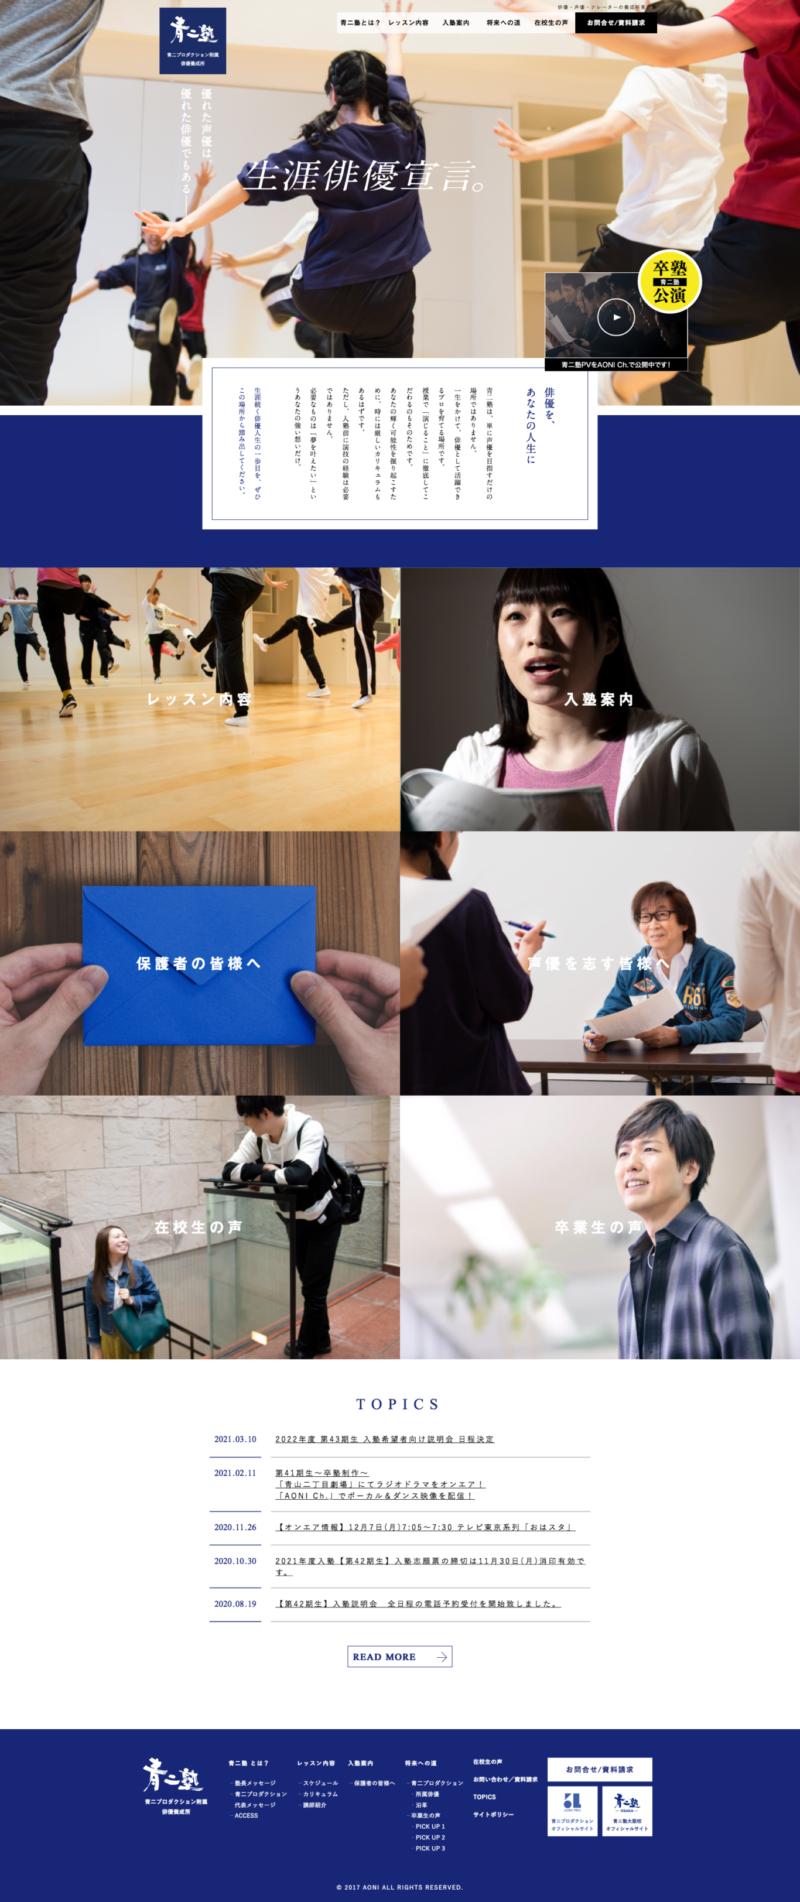 俳優・声優・ナレーター養成所の生徒募集サイトTOP